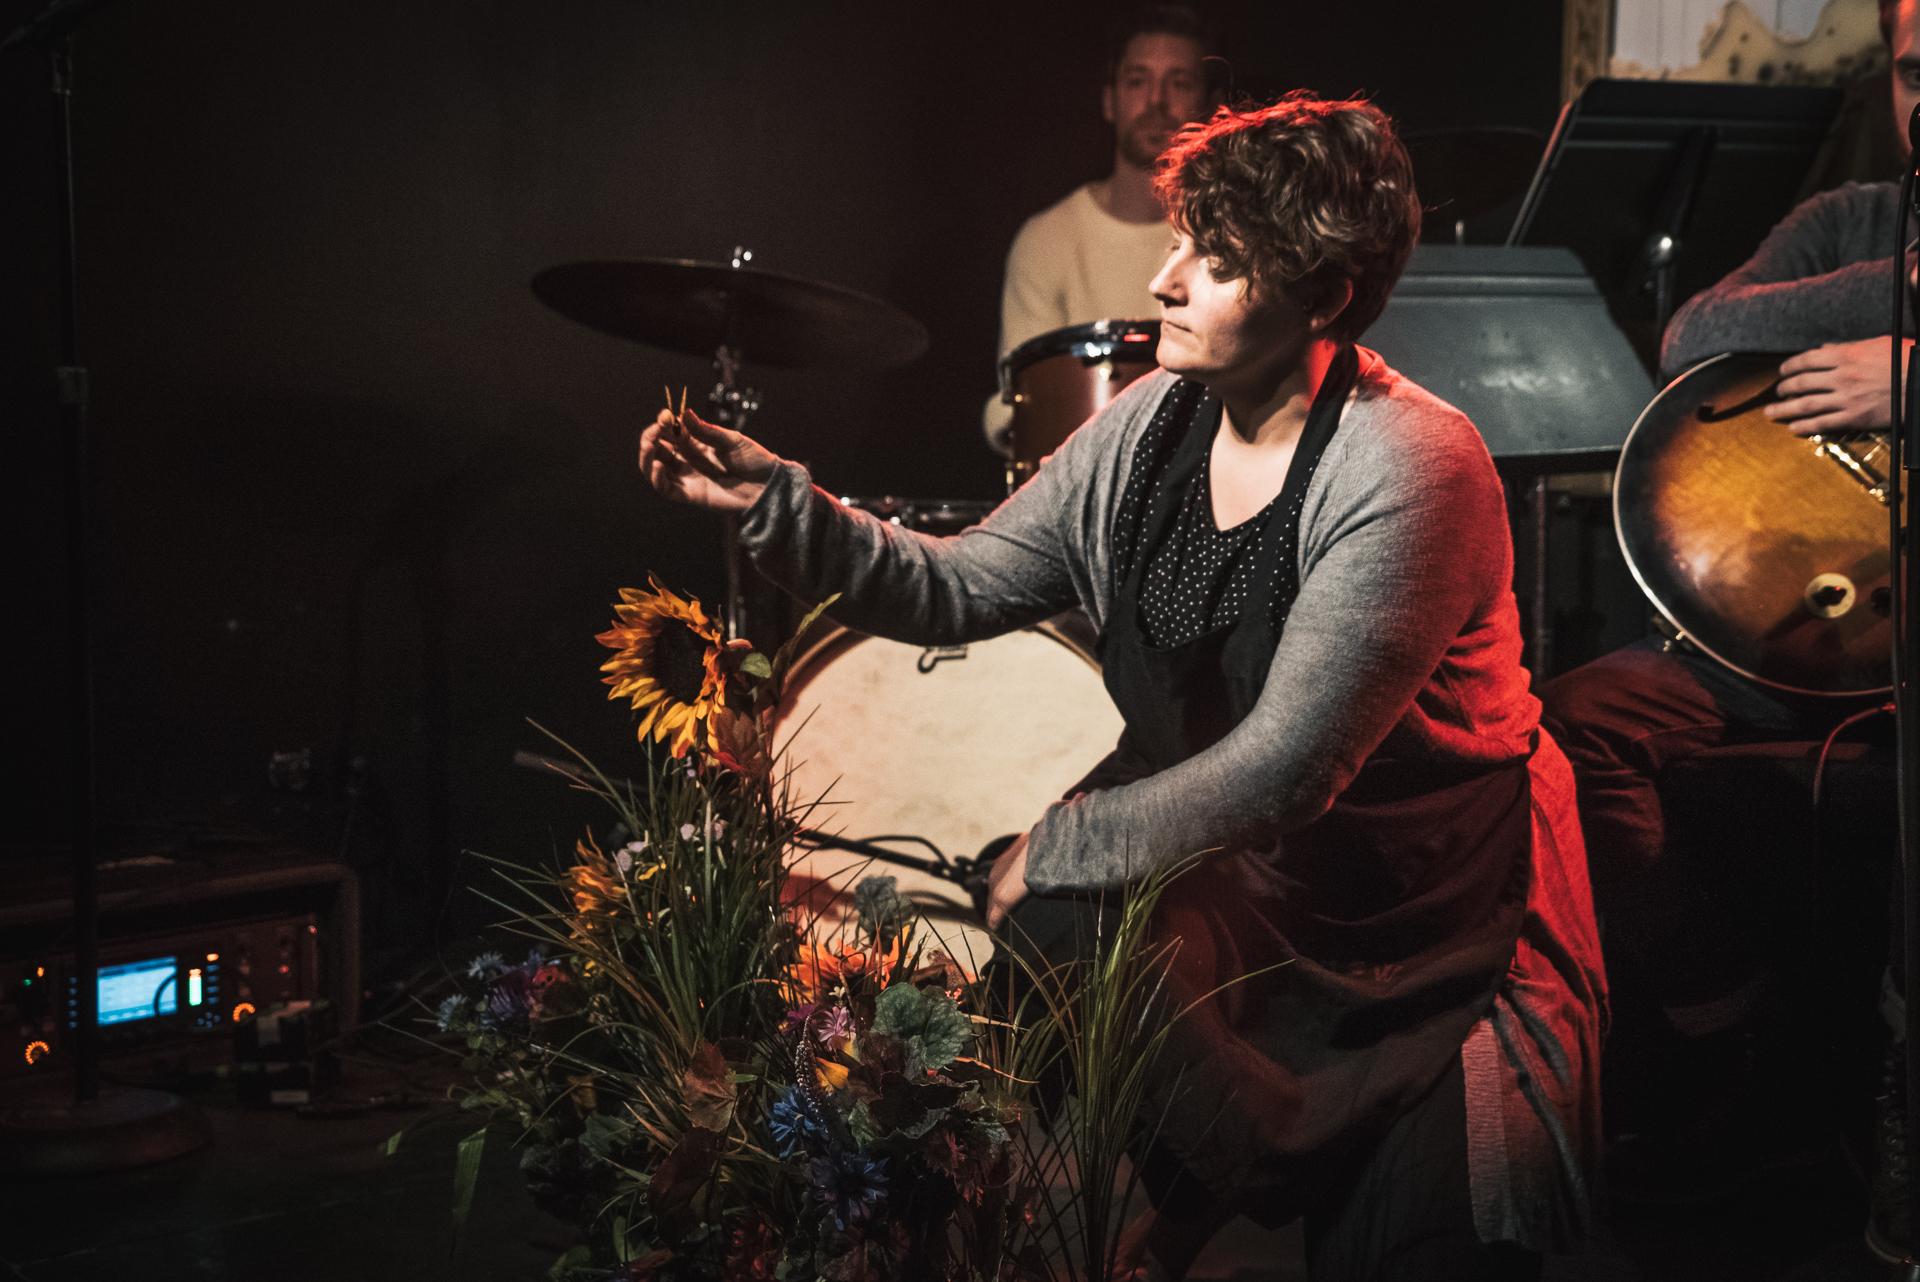 Carlylia Muller, May '17